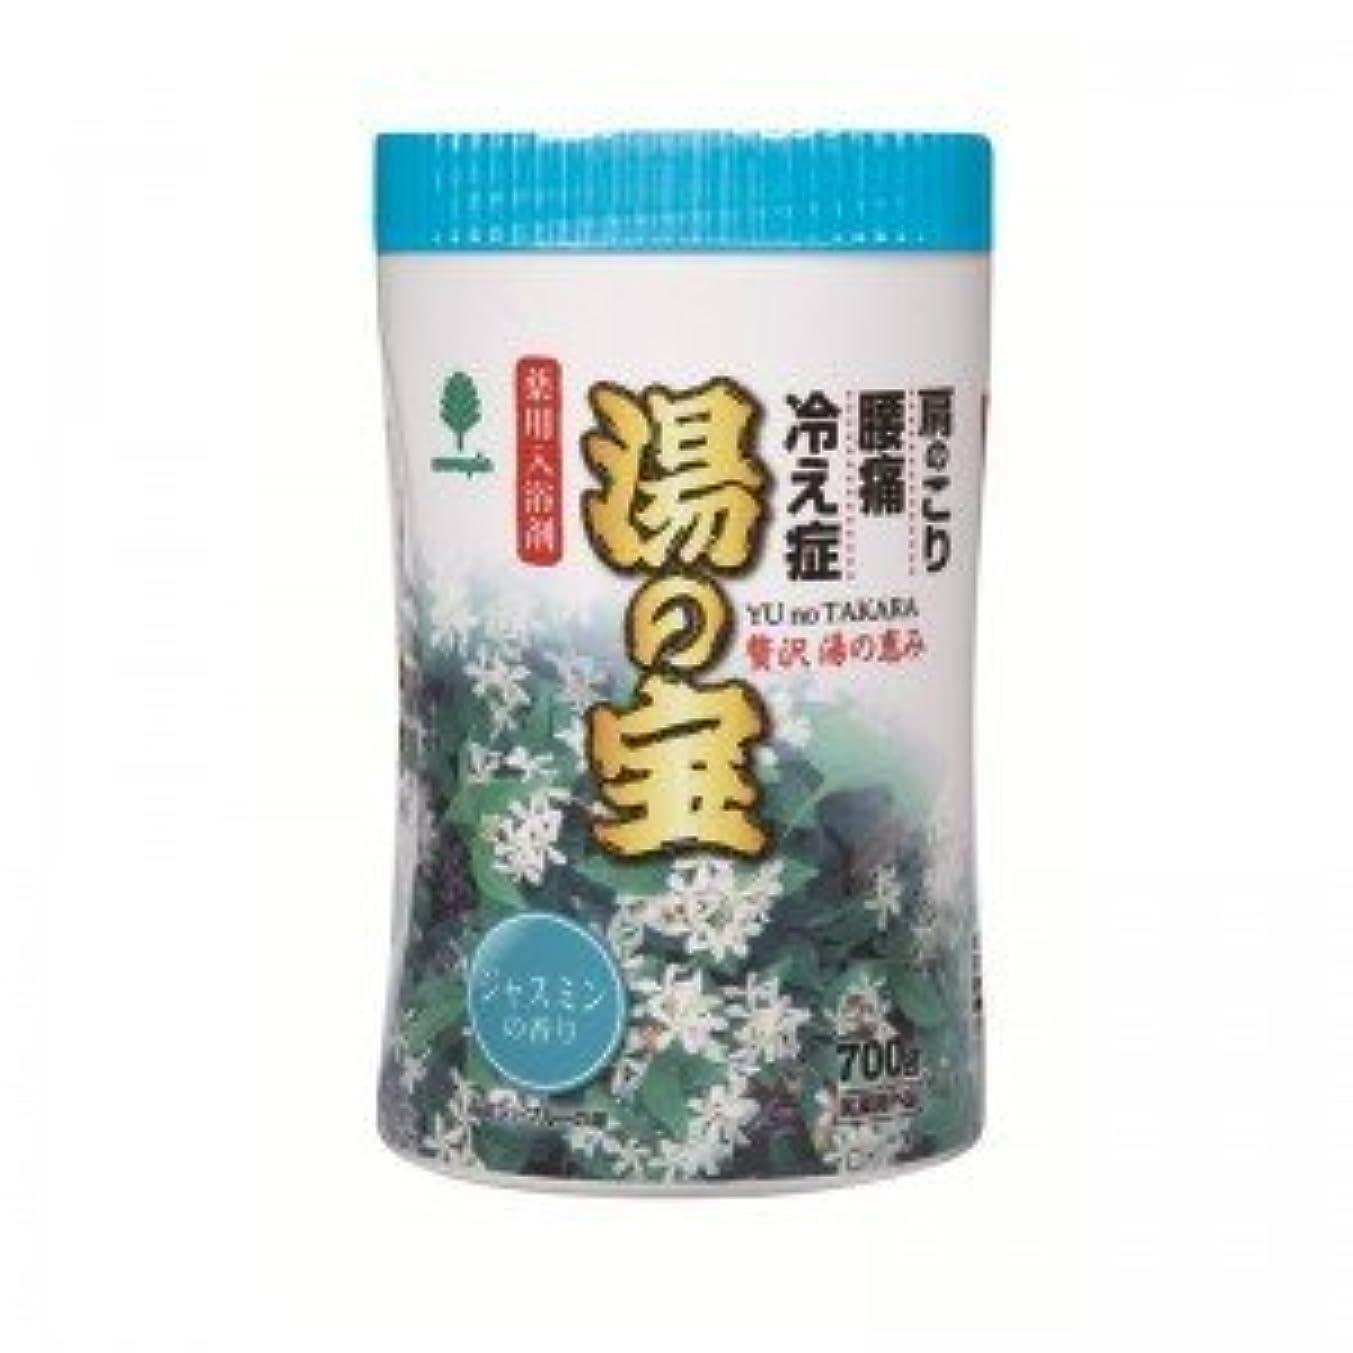 起こりやすい企業ヘルメット紀陽除虫菊 湯の宝 ジャスミンの香り (丸ボトル) 700g【まとめ買い15個セット】 N-0067